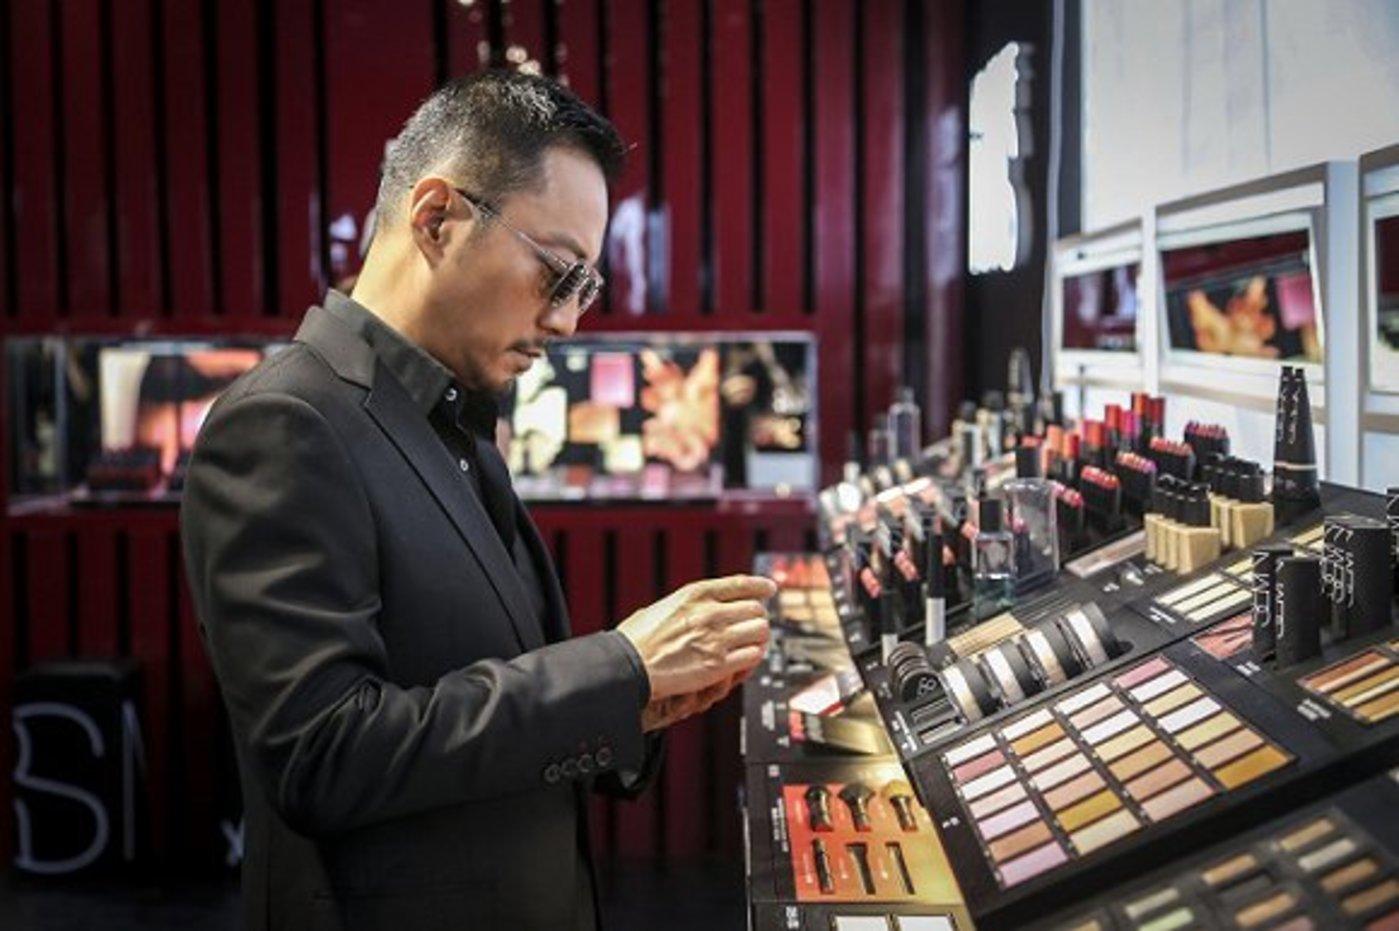 张涵予参加NARS于8月25日举办的彩妆屋活动 图片来源:NARS微博